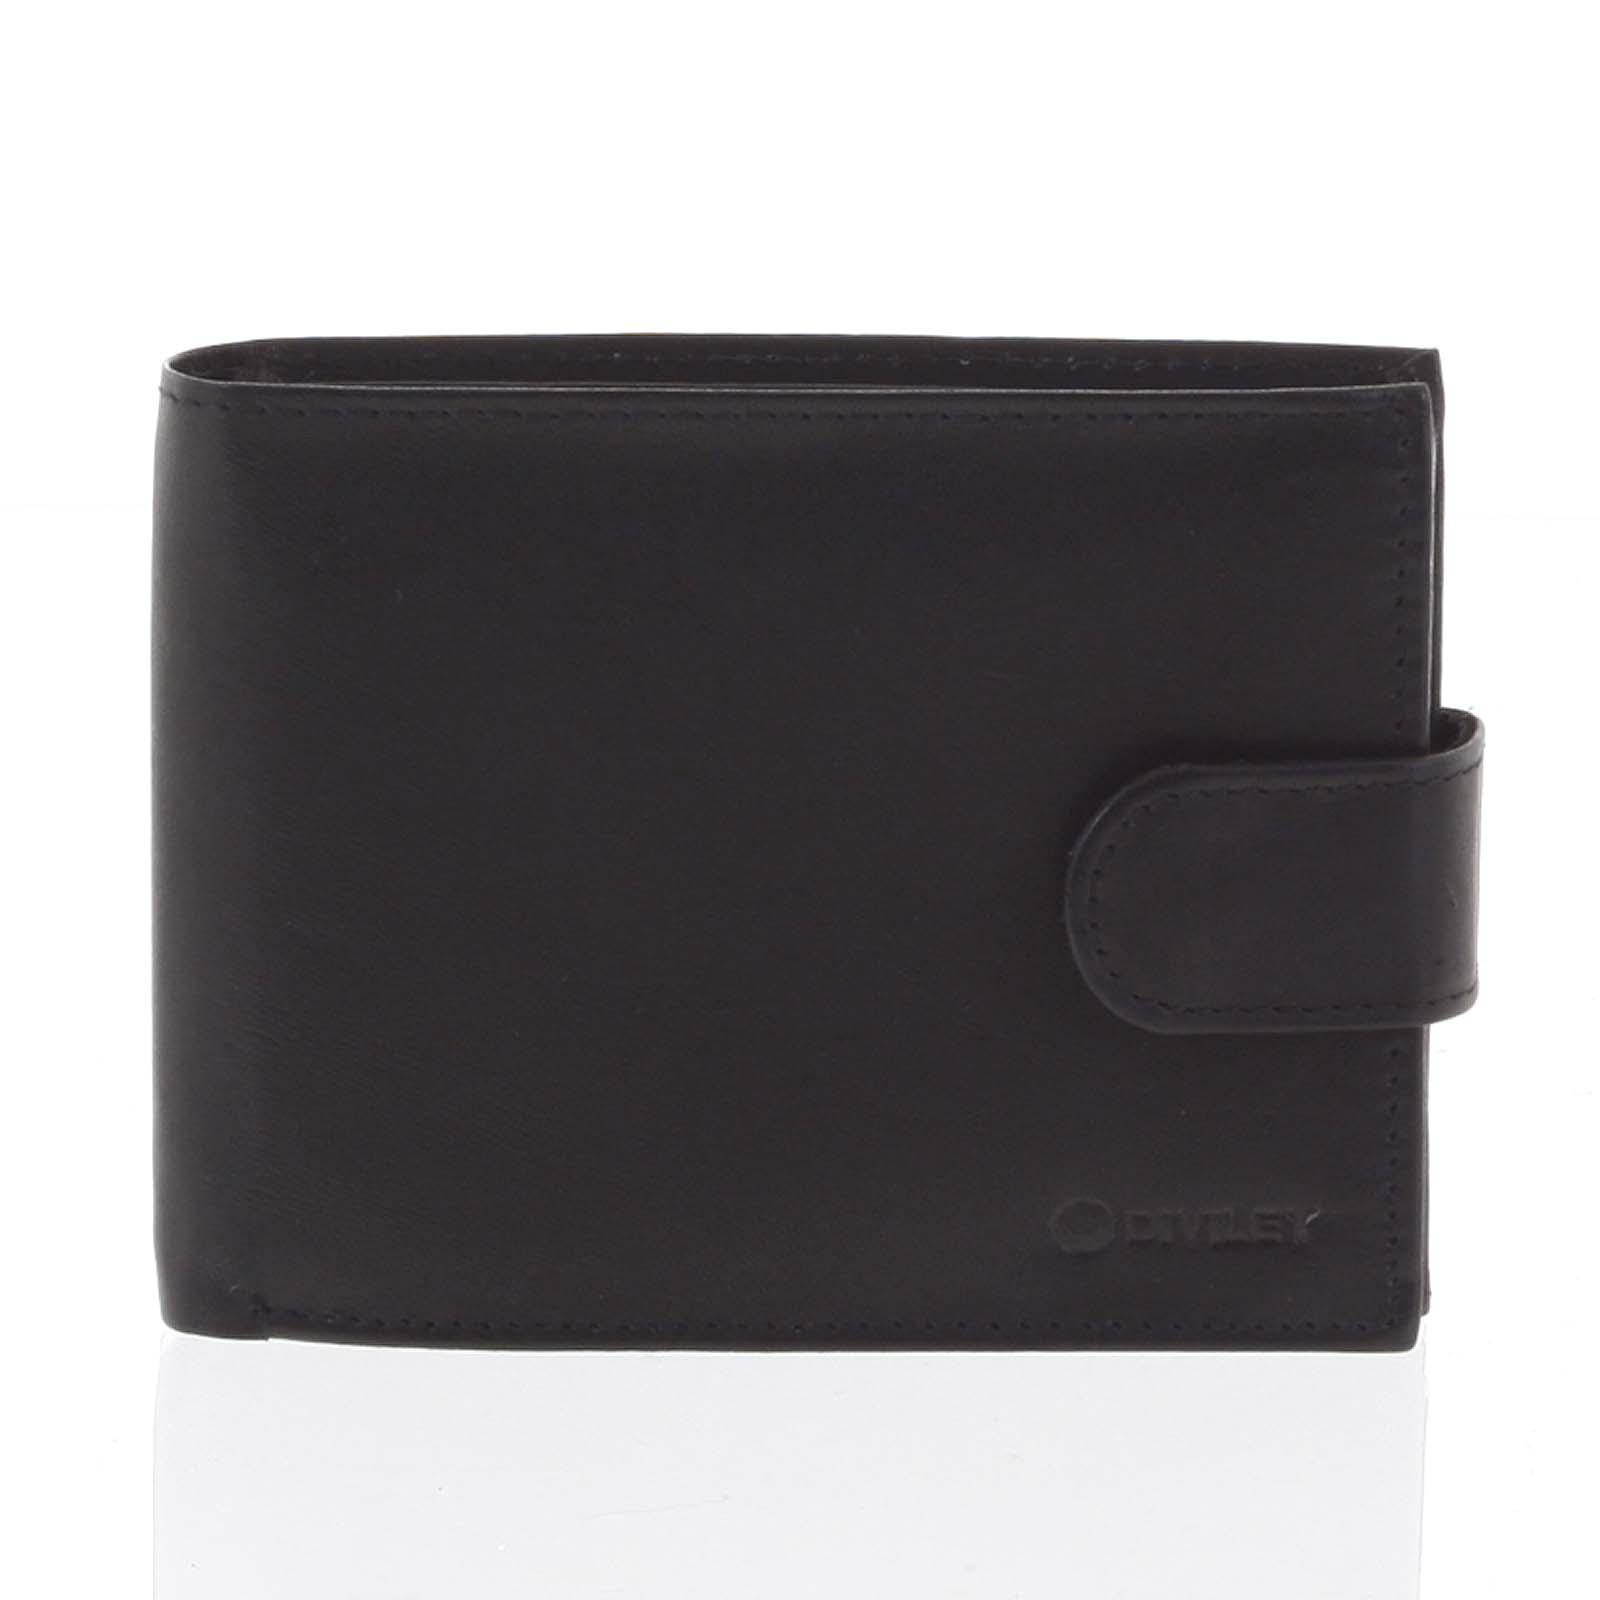 Pánska kožená peňaženka čierna so zápinkou - Diviley Univerzum čierna